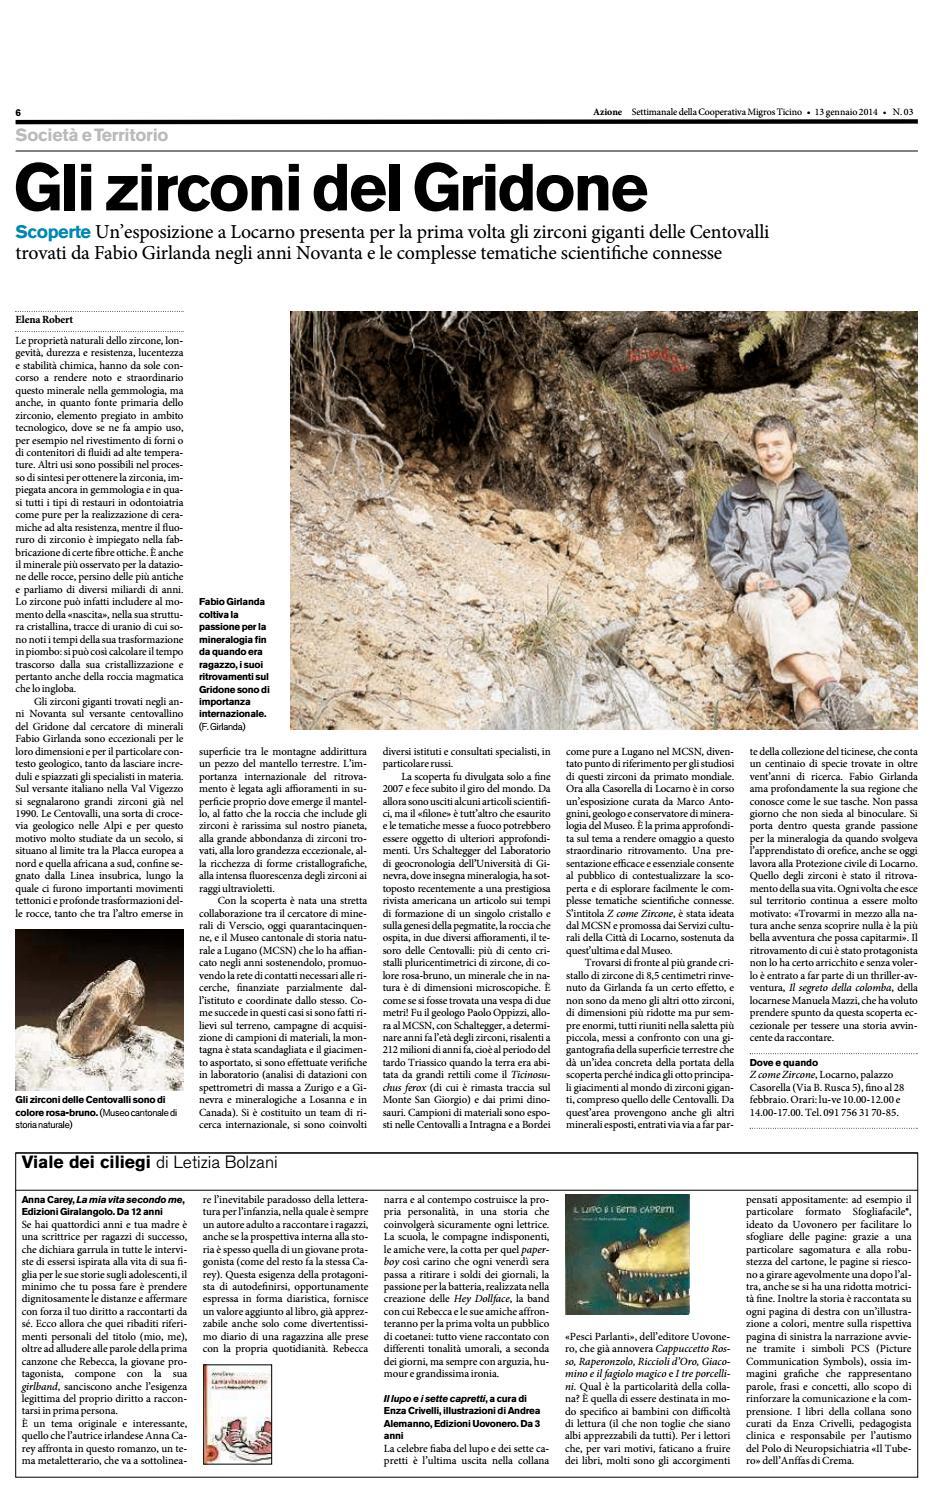 Acquista Beydodo Anelli Coppia Lui Lei Anello Bicolore Anello Zirconi Bianco.